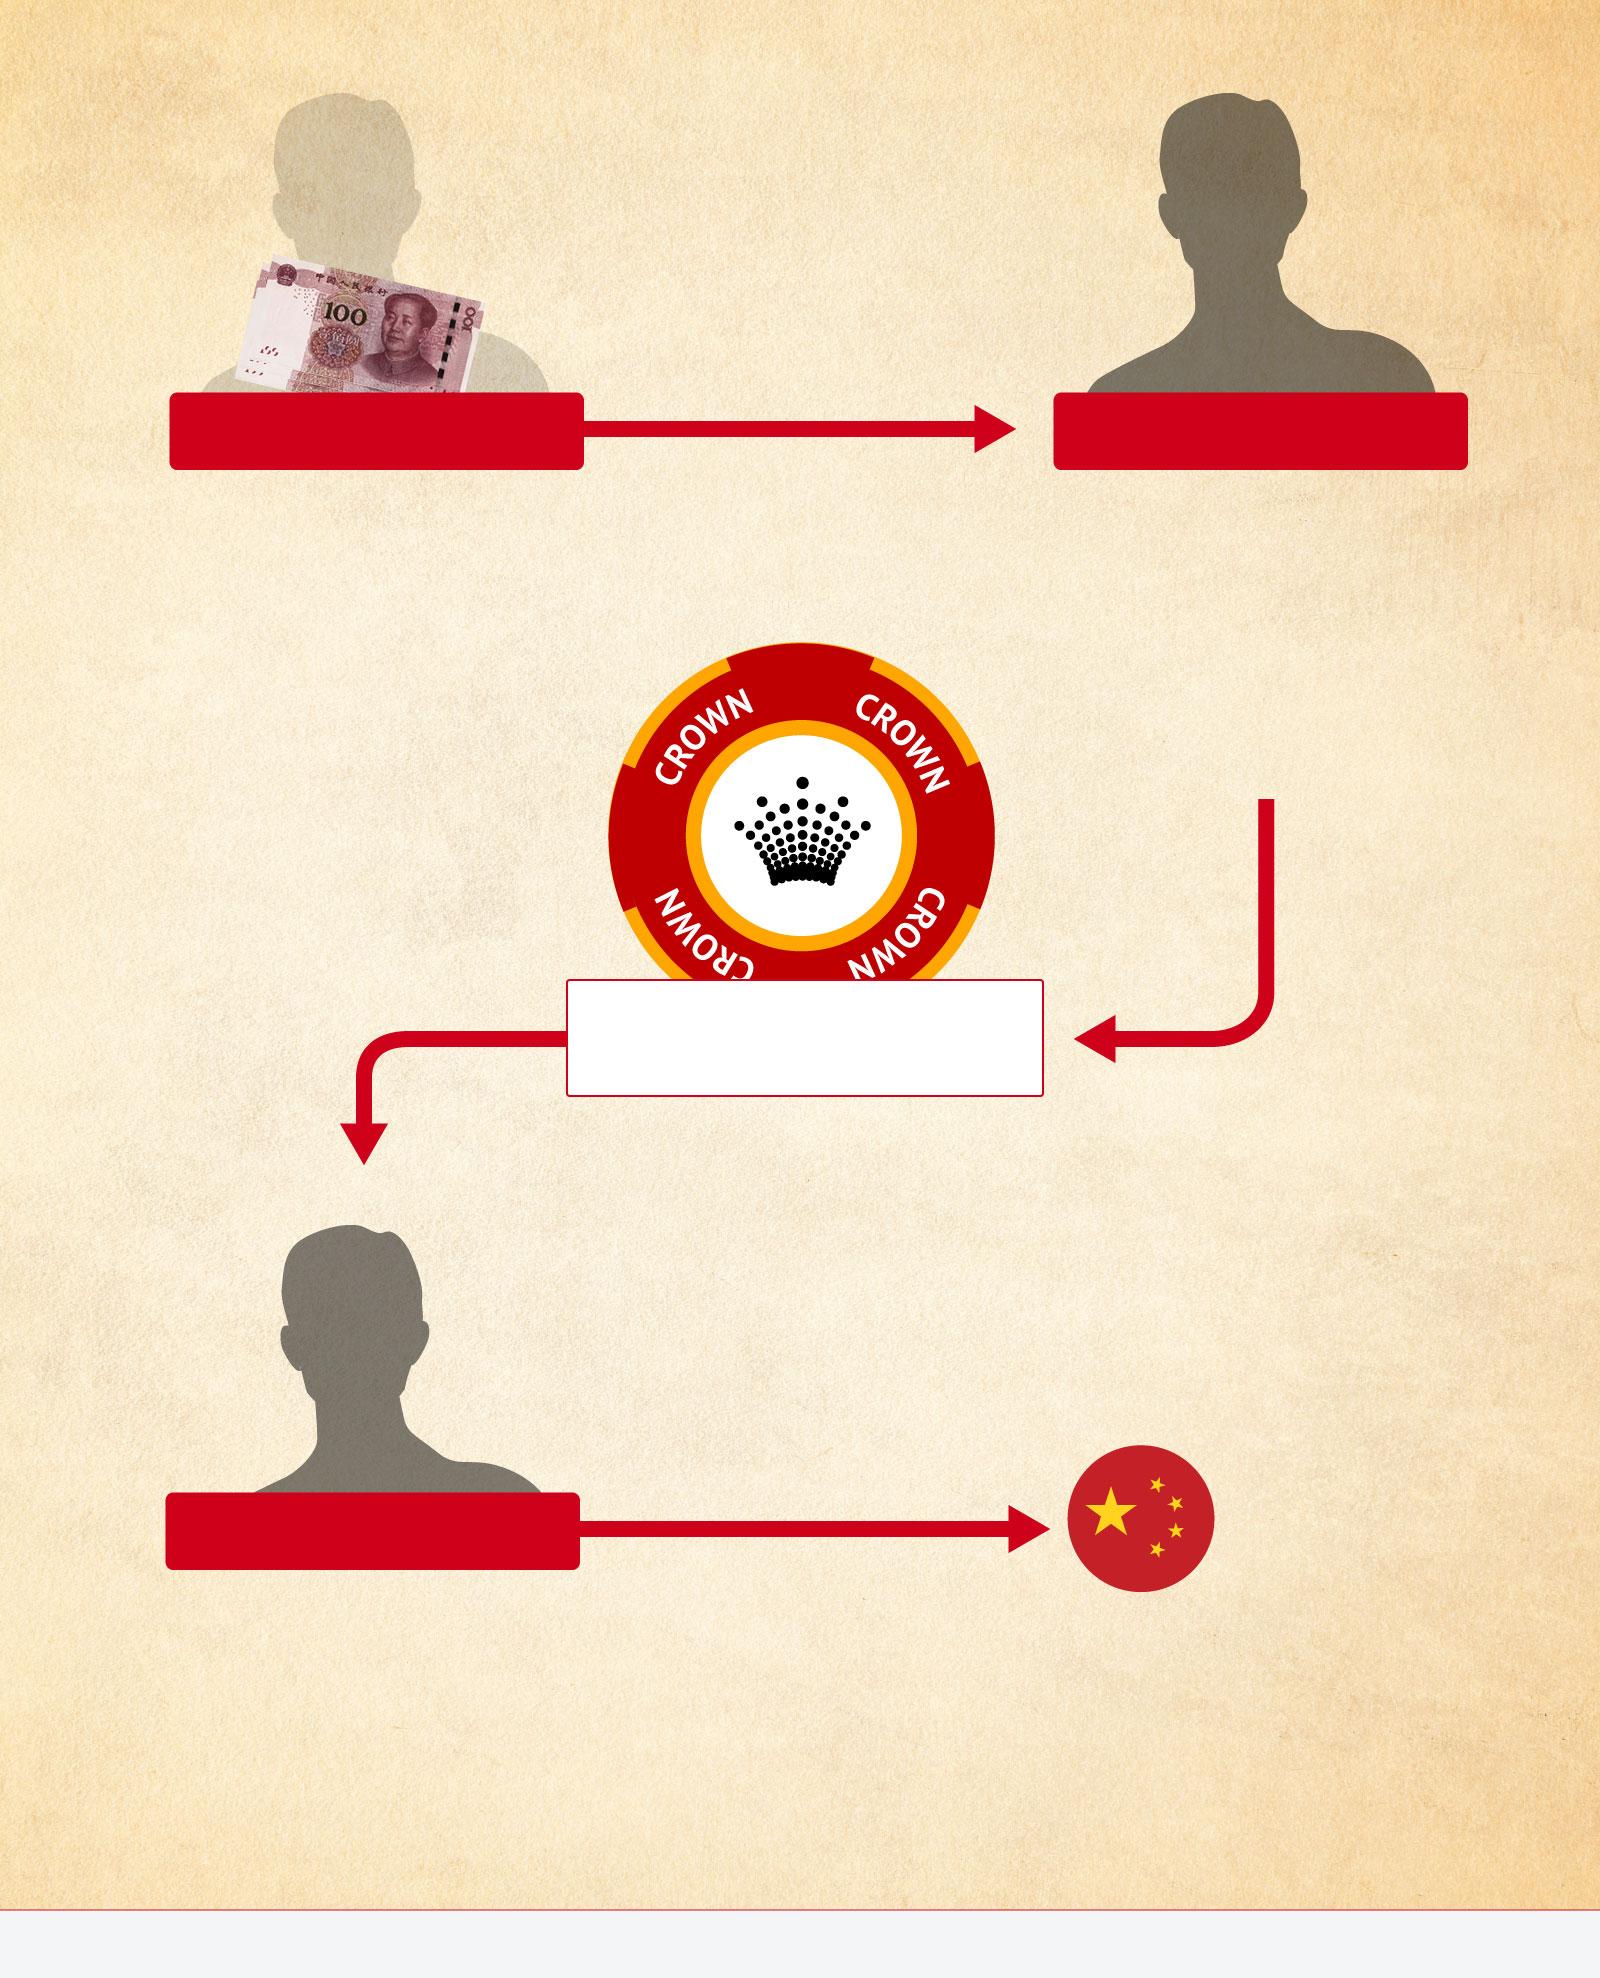 رسوایی کراون کازینو در ارتباط با باندهای تبهکار آسیایی و پولشویی